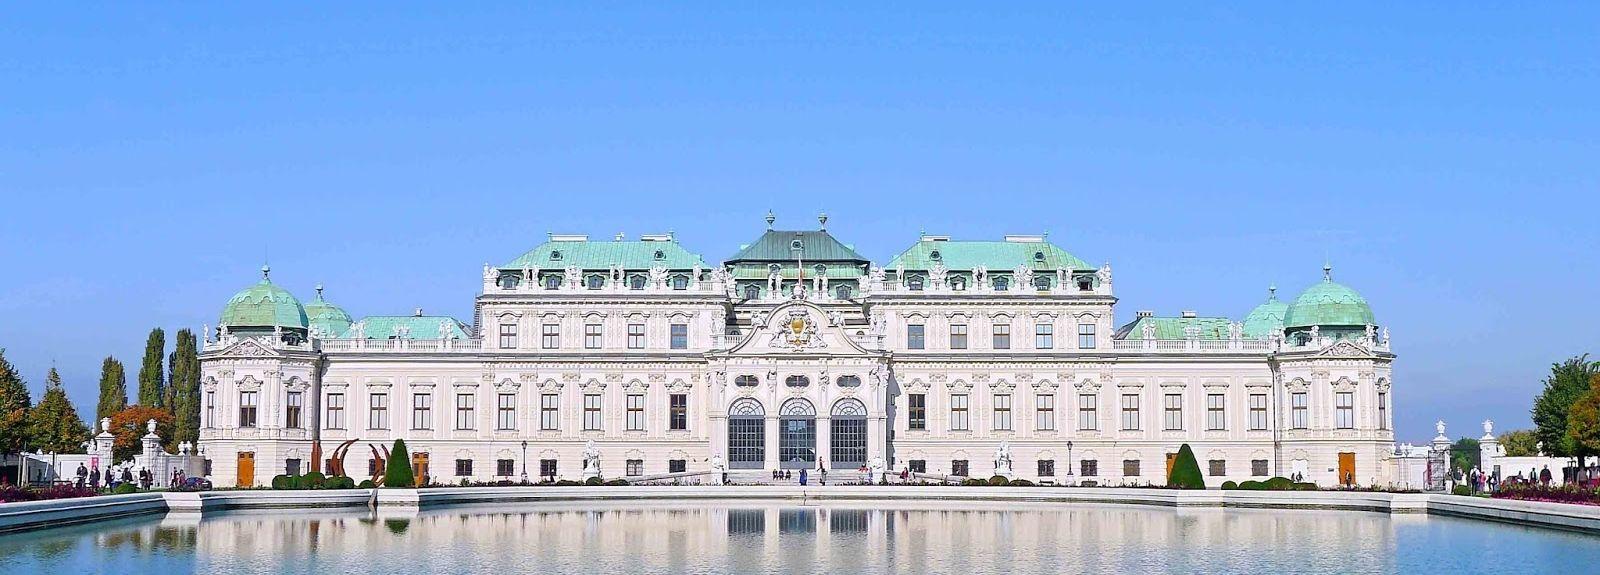 Weißgerber, Wenen, Wenen (staat), Oostenrijk